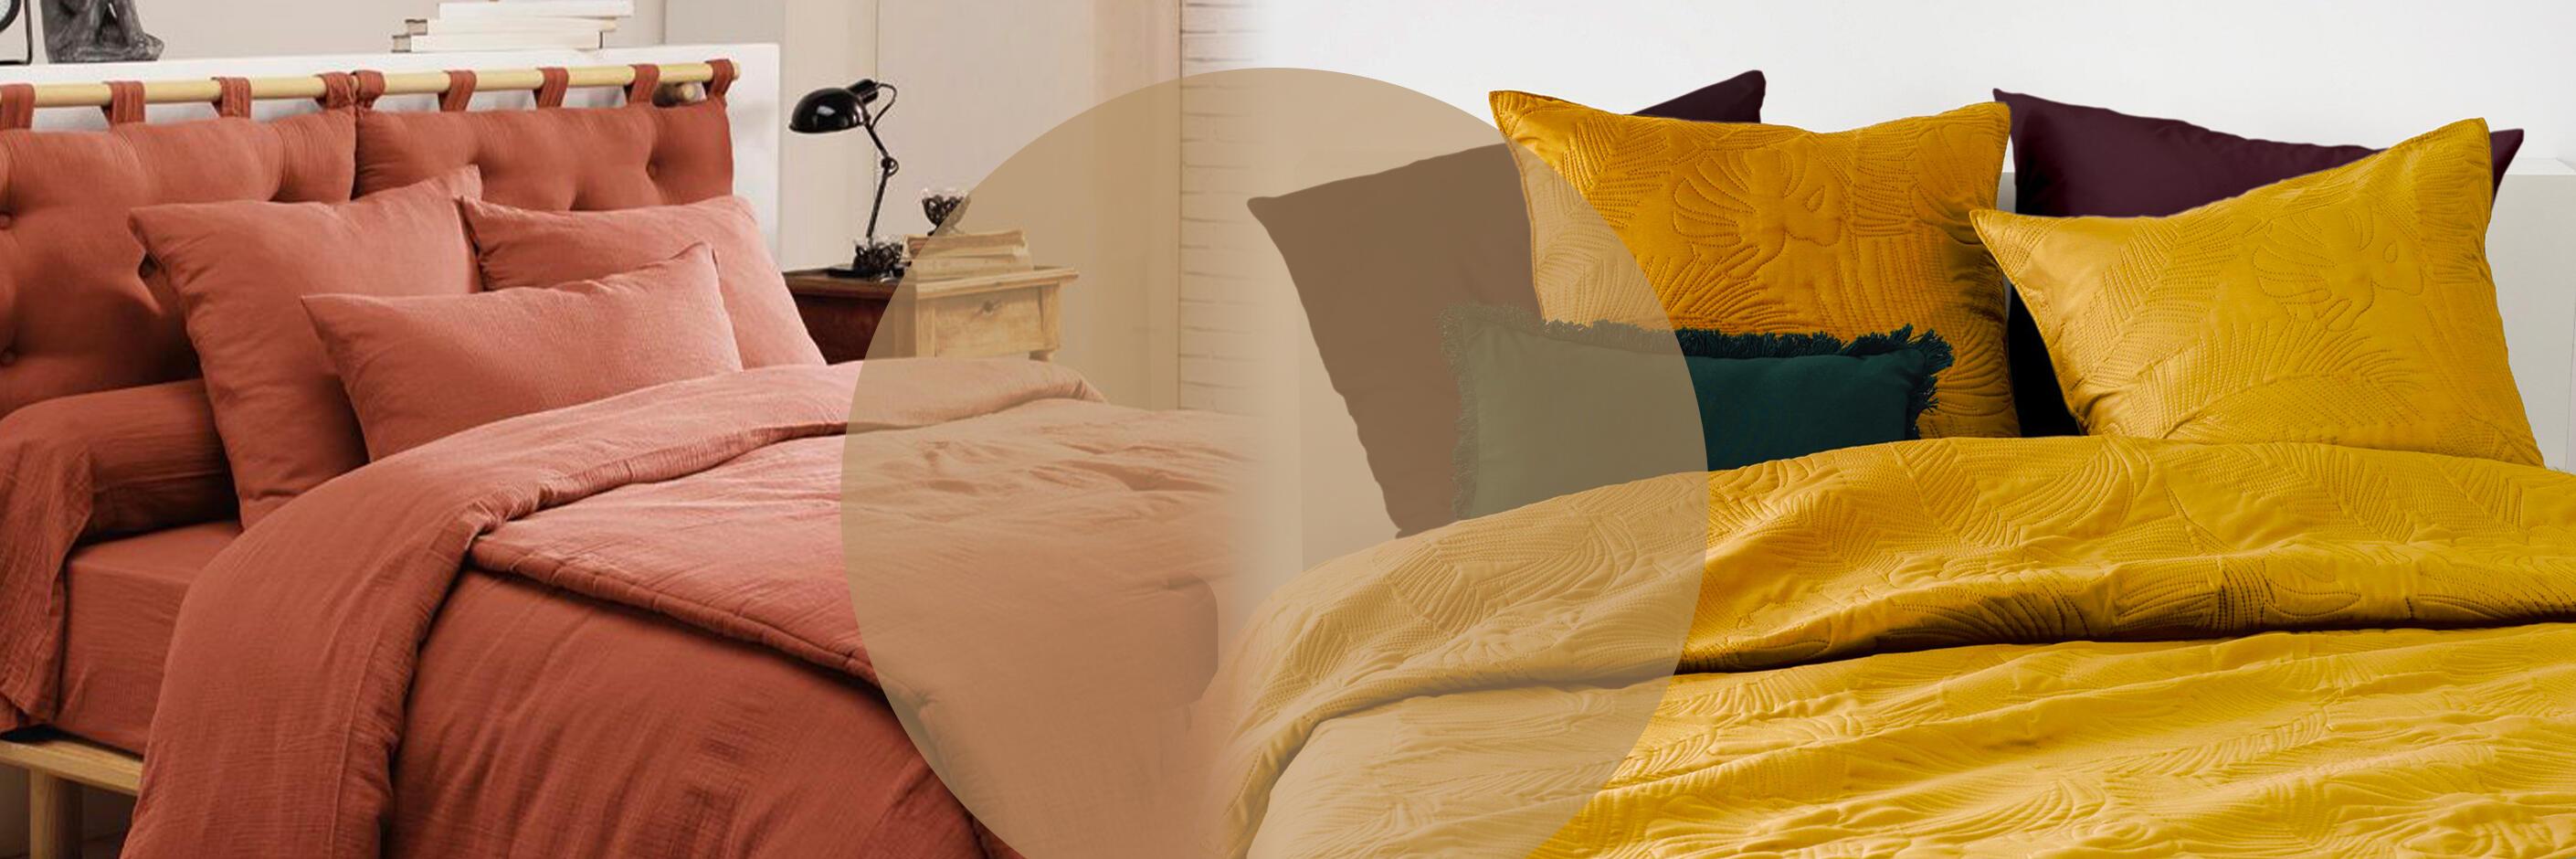 Copriletti e trapunte e runner da letto